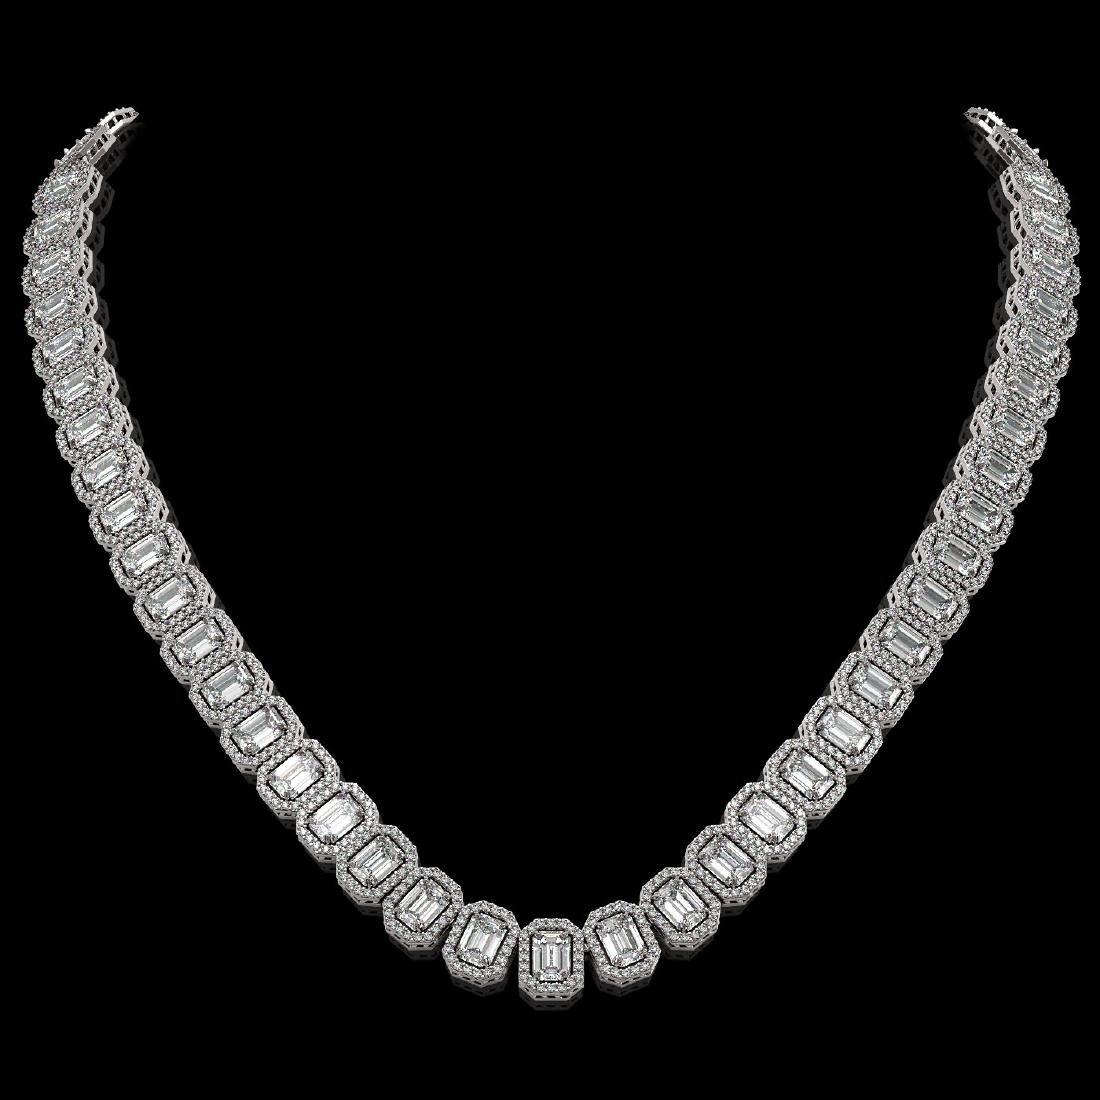 40.3 CTW Emerald Cut Diamond Designer Necklace 18K